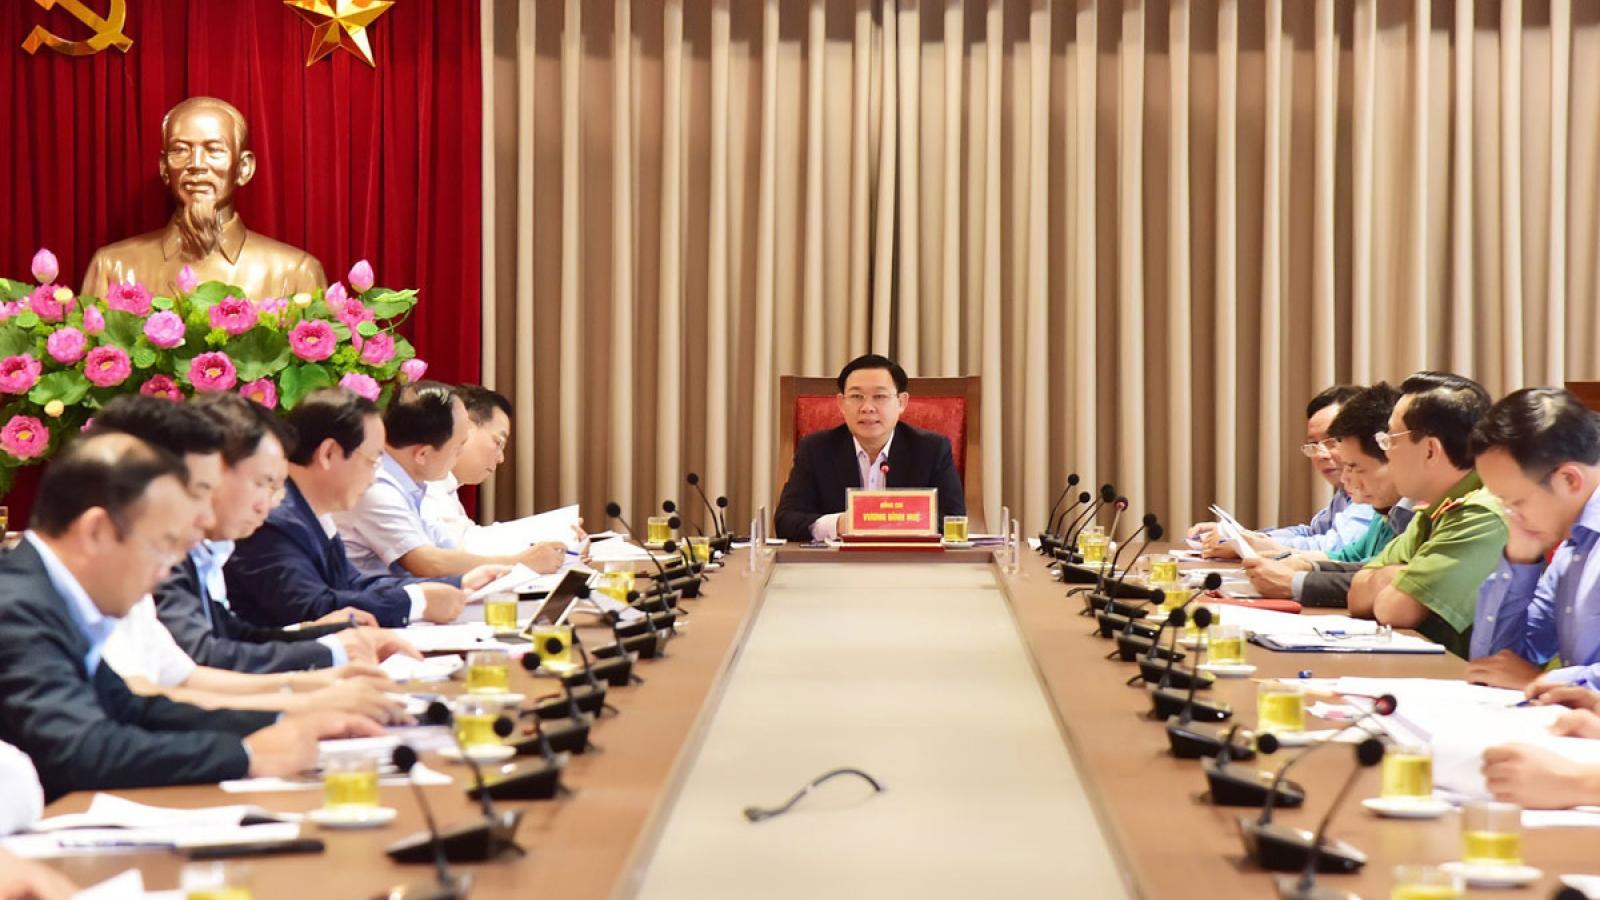 Bí thư Thành ủy Hà Nội yêu cầu giải quyết dứt điểm Khu xử lý chất thải Sóc Sơn